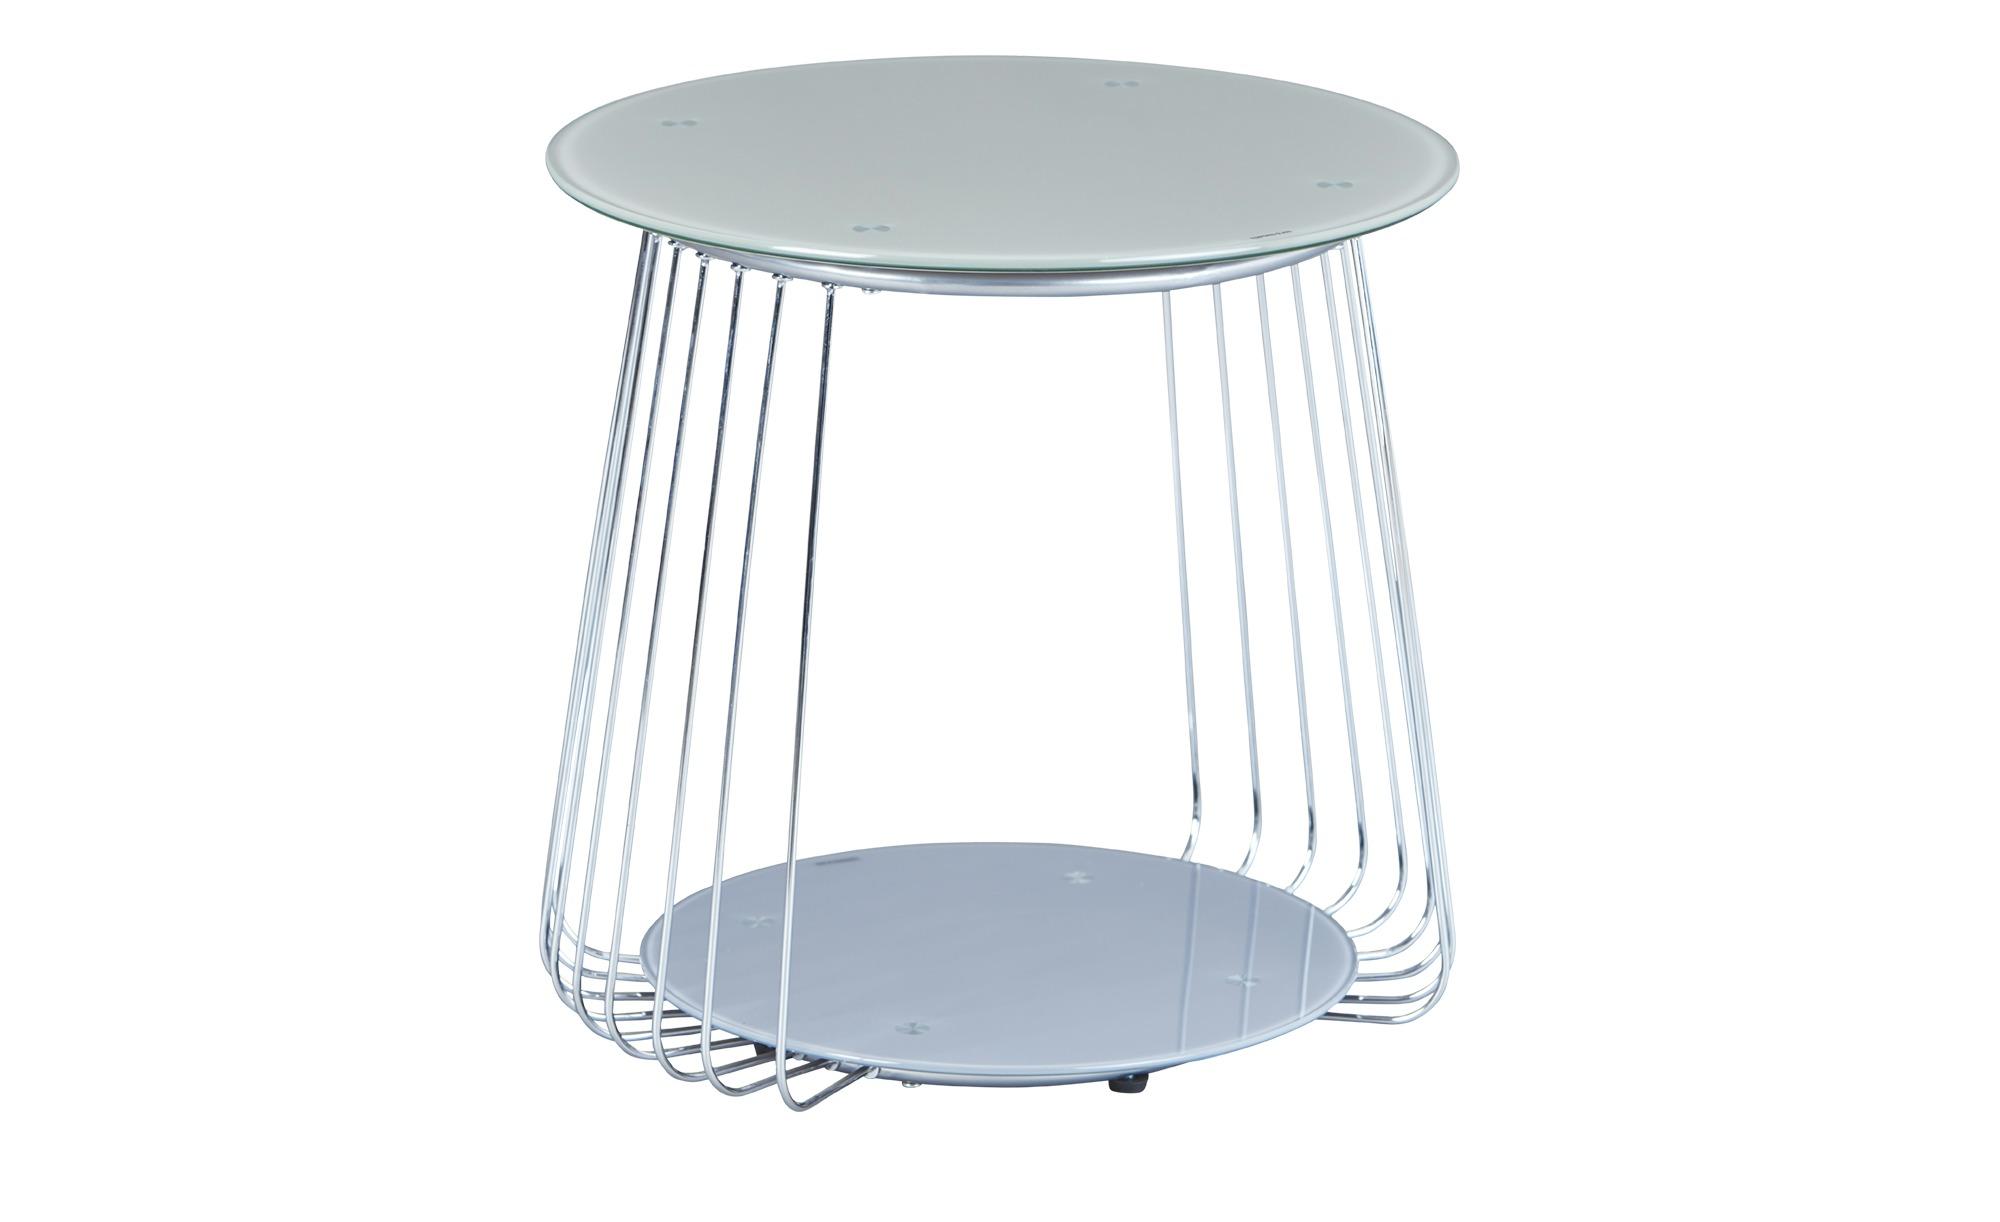 Couchtisch  Fiorane ¦ Maße (cm): B: 50 H: 50 T: 50 Ø: 50 Tische > Couchtische > Couchtische rund - Höffner